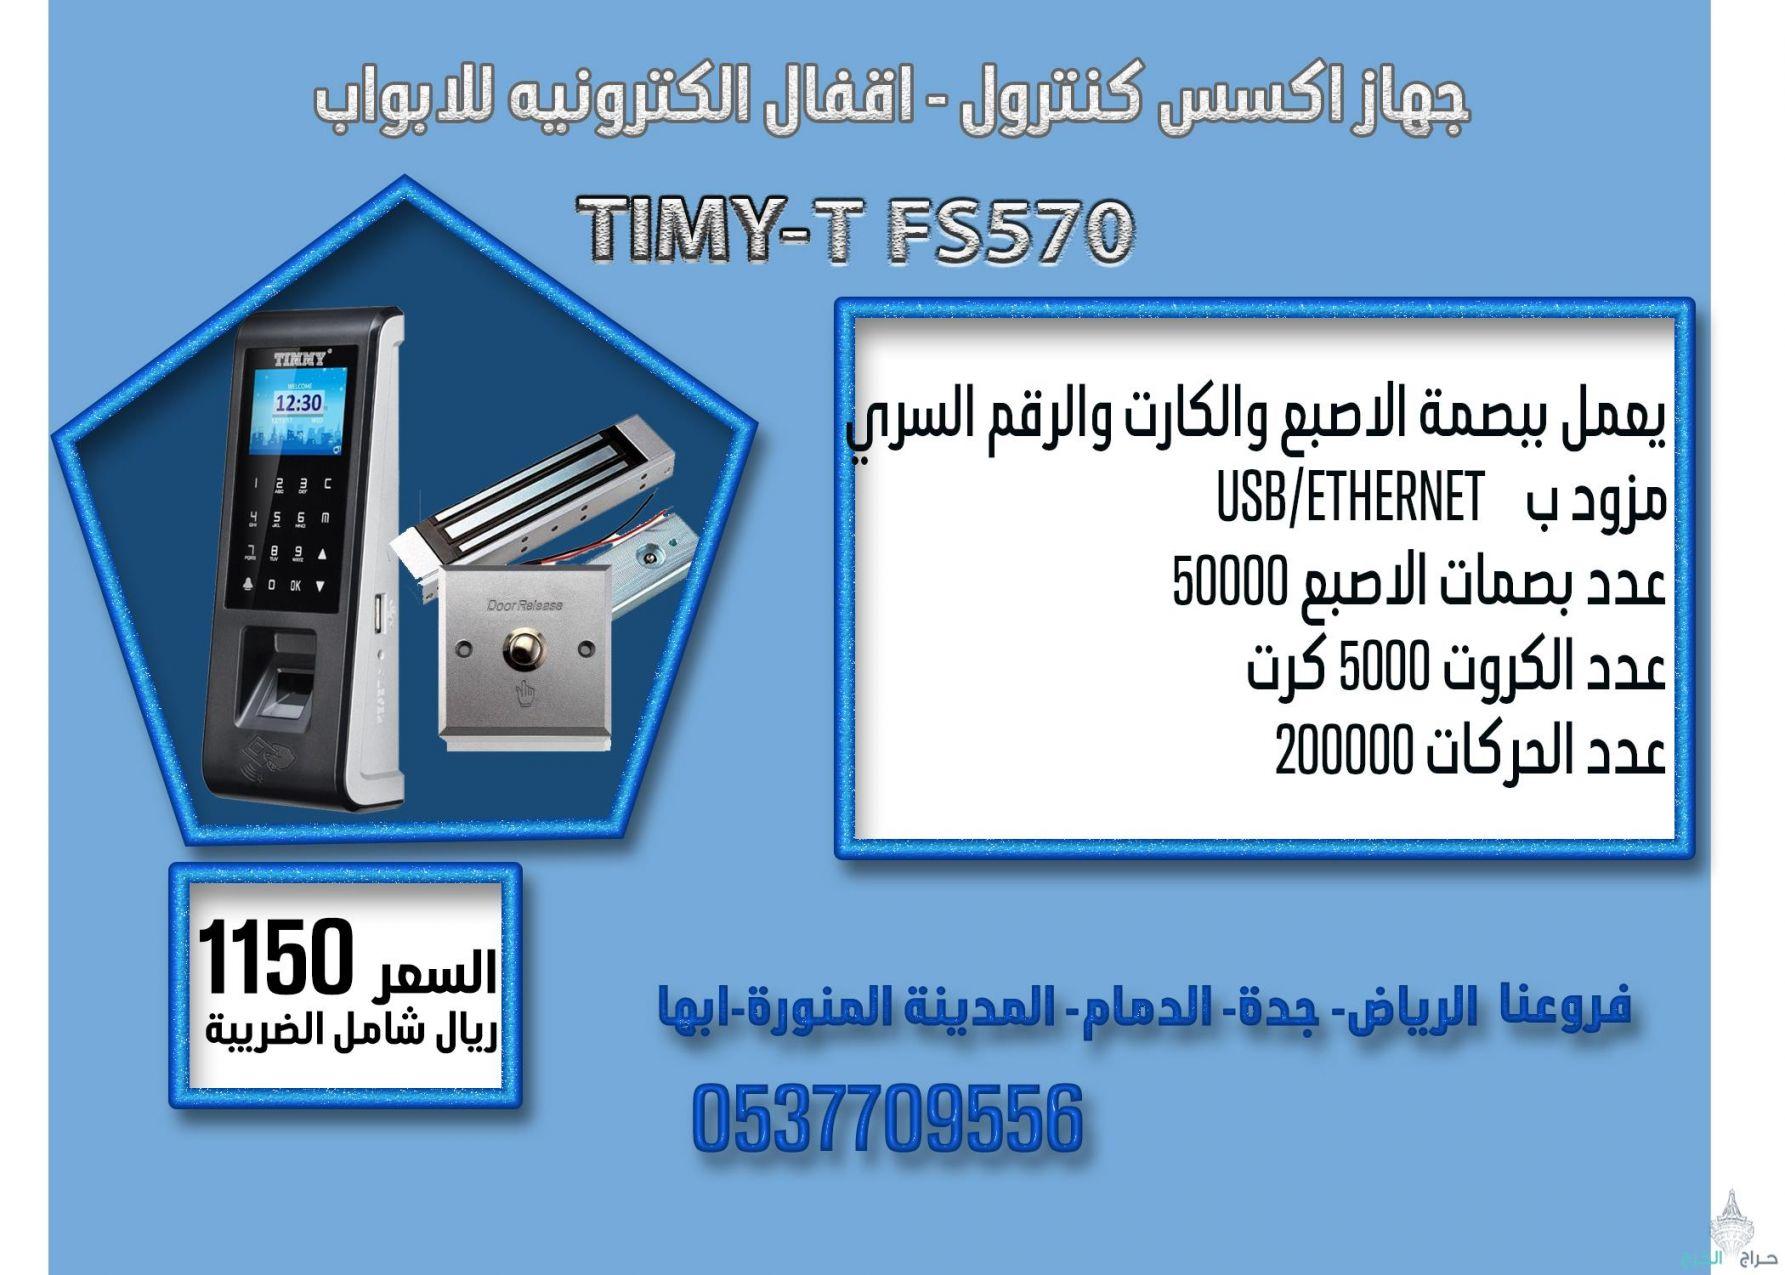 جهاز أكسس كنترول TM-TFS70 من شركة TIMY